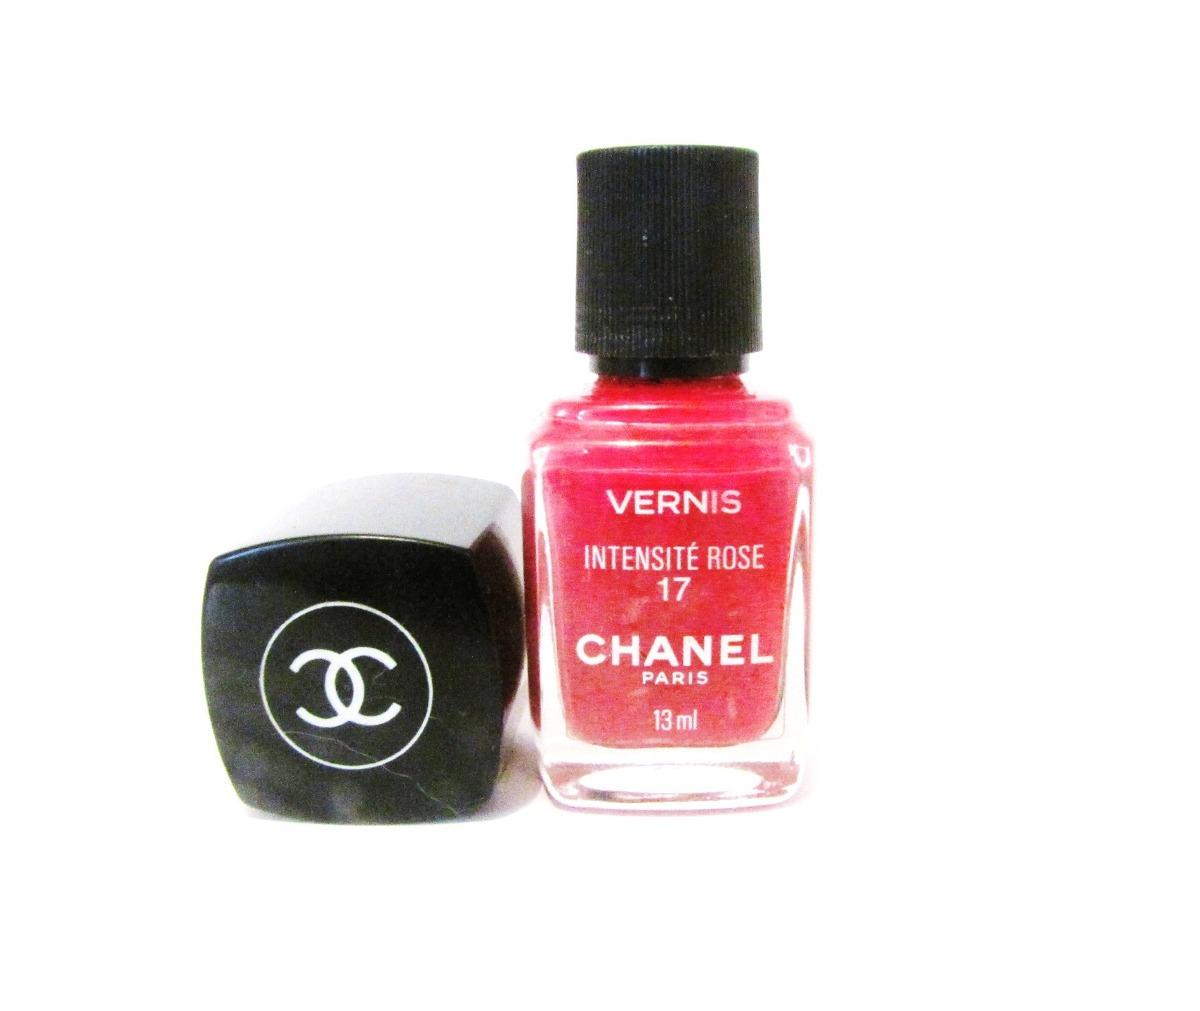 Chanel barniz esmalte de u as intensity rose 17 remate - Barniz de transferencia ...